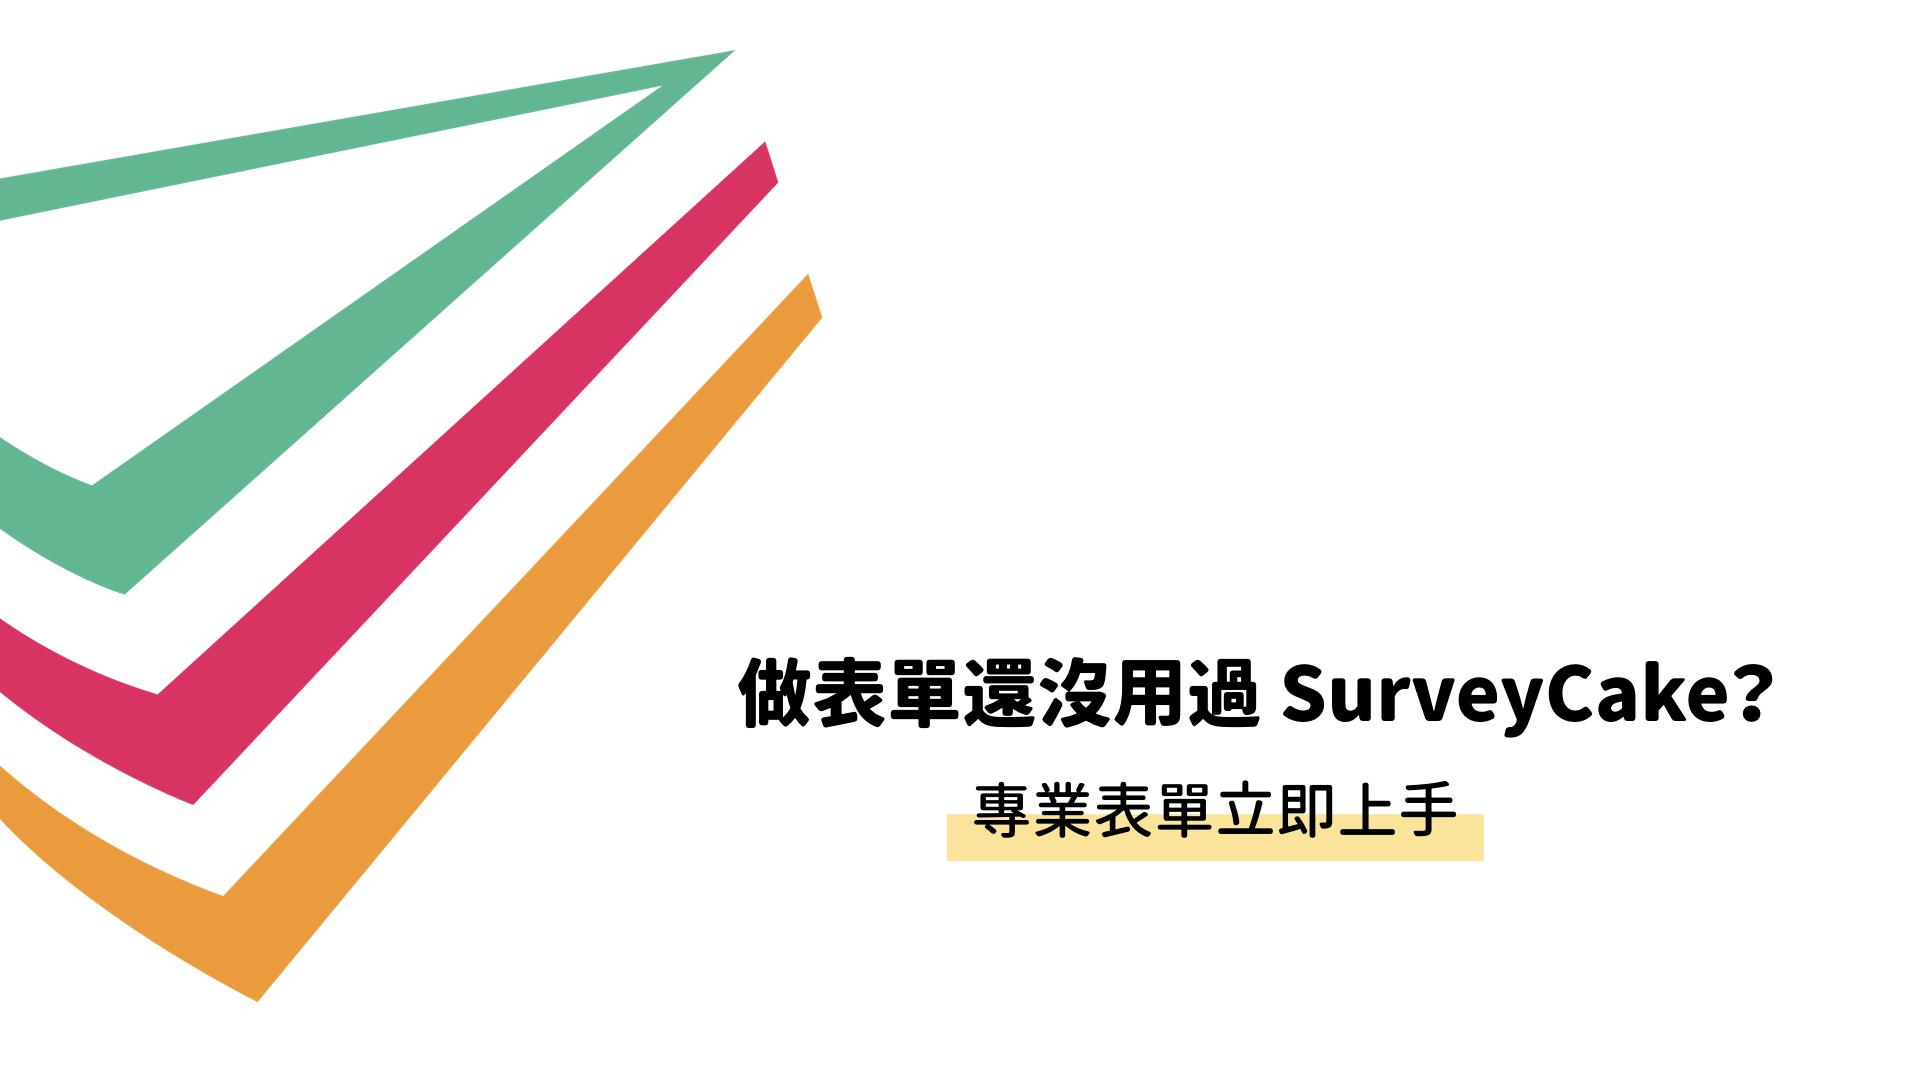 習慣用 Google 表單?試試 SurveyCake 讓你的表單更吸睛!